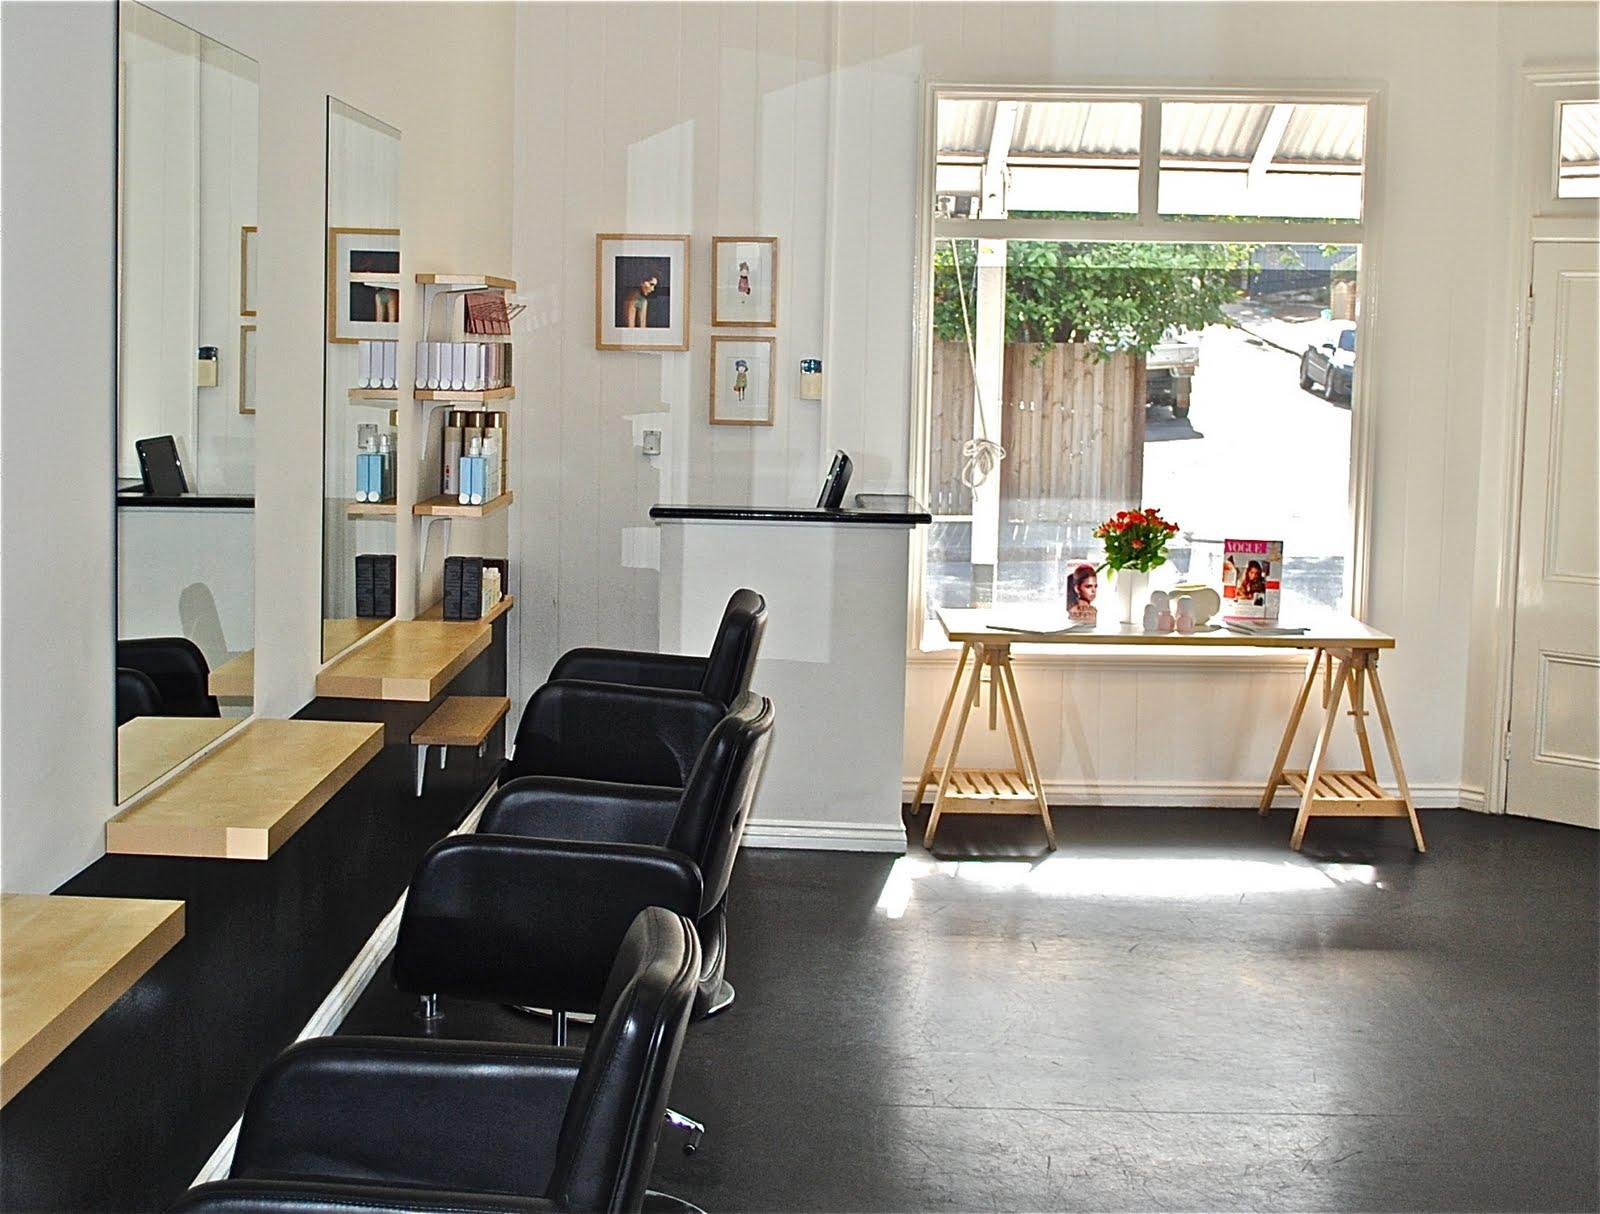 lila-boheme-hair-inside-salon.jpg